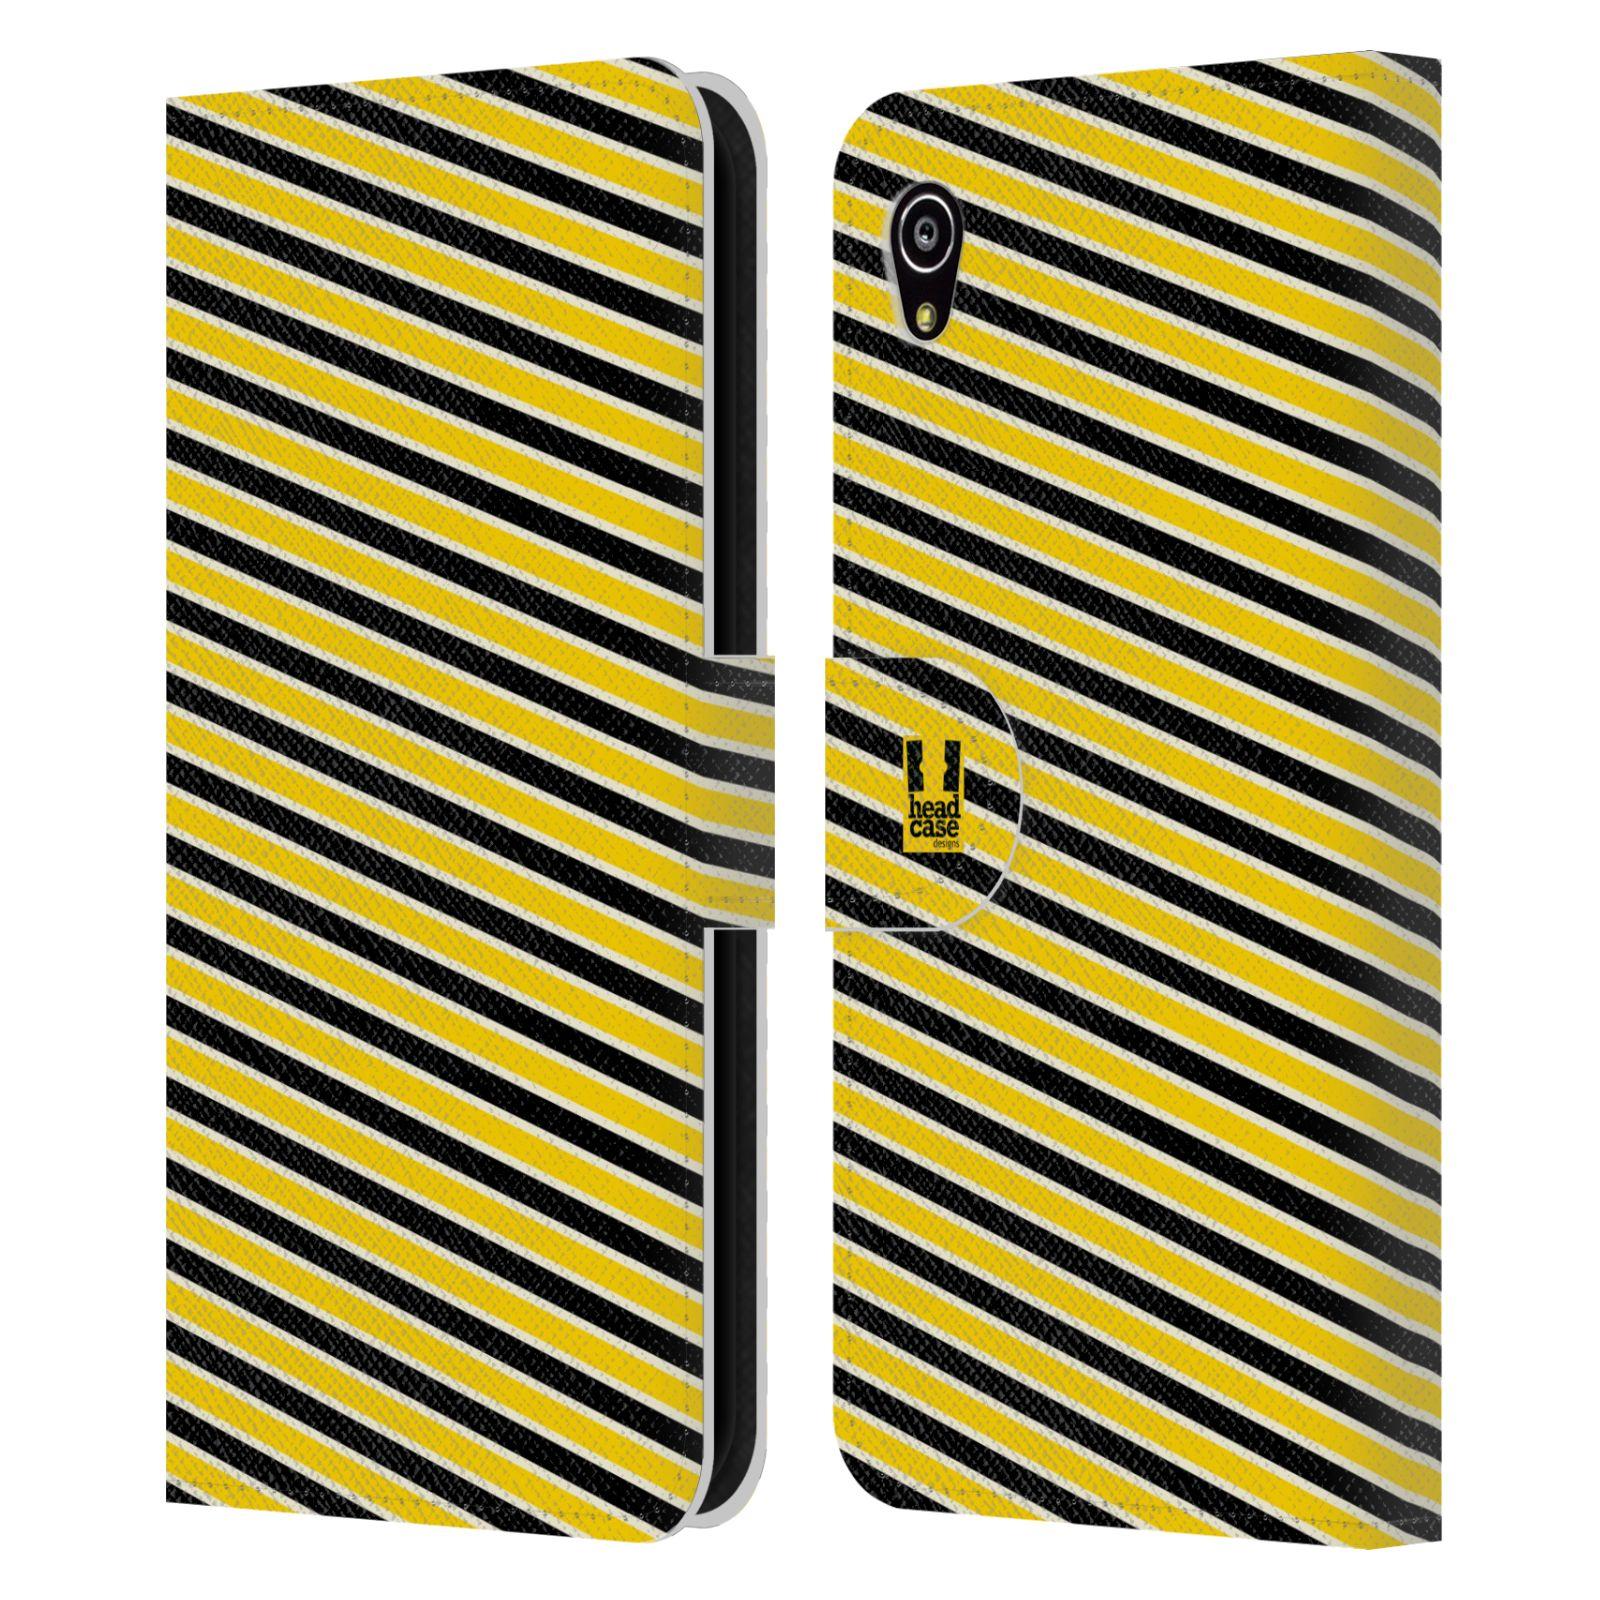 HEAD CASE Flipové pouzdro pro mobil SONY XPERIA M4 AQUA VČELÍ VZOR pruhy žlutá a černá